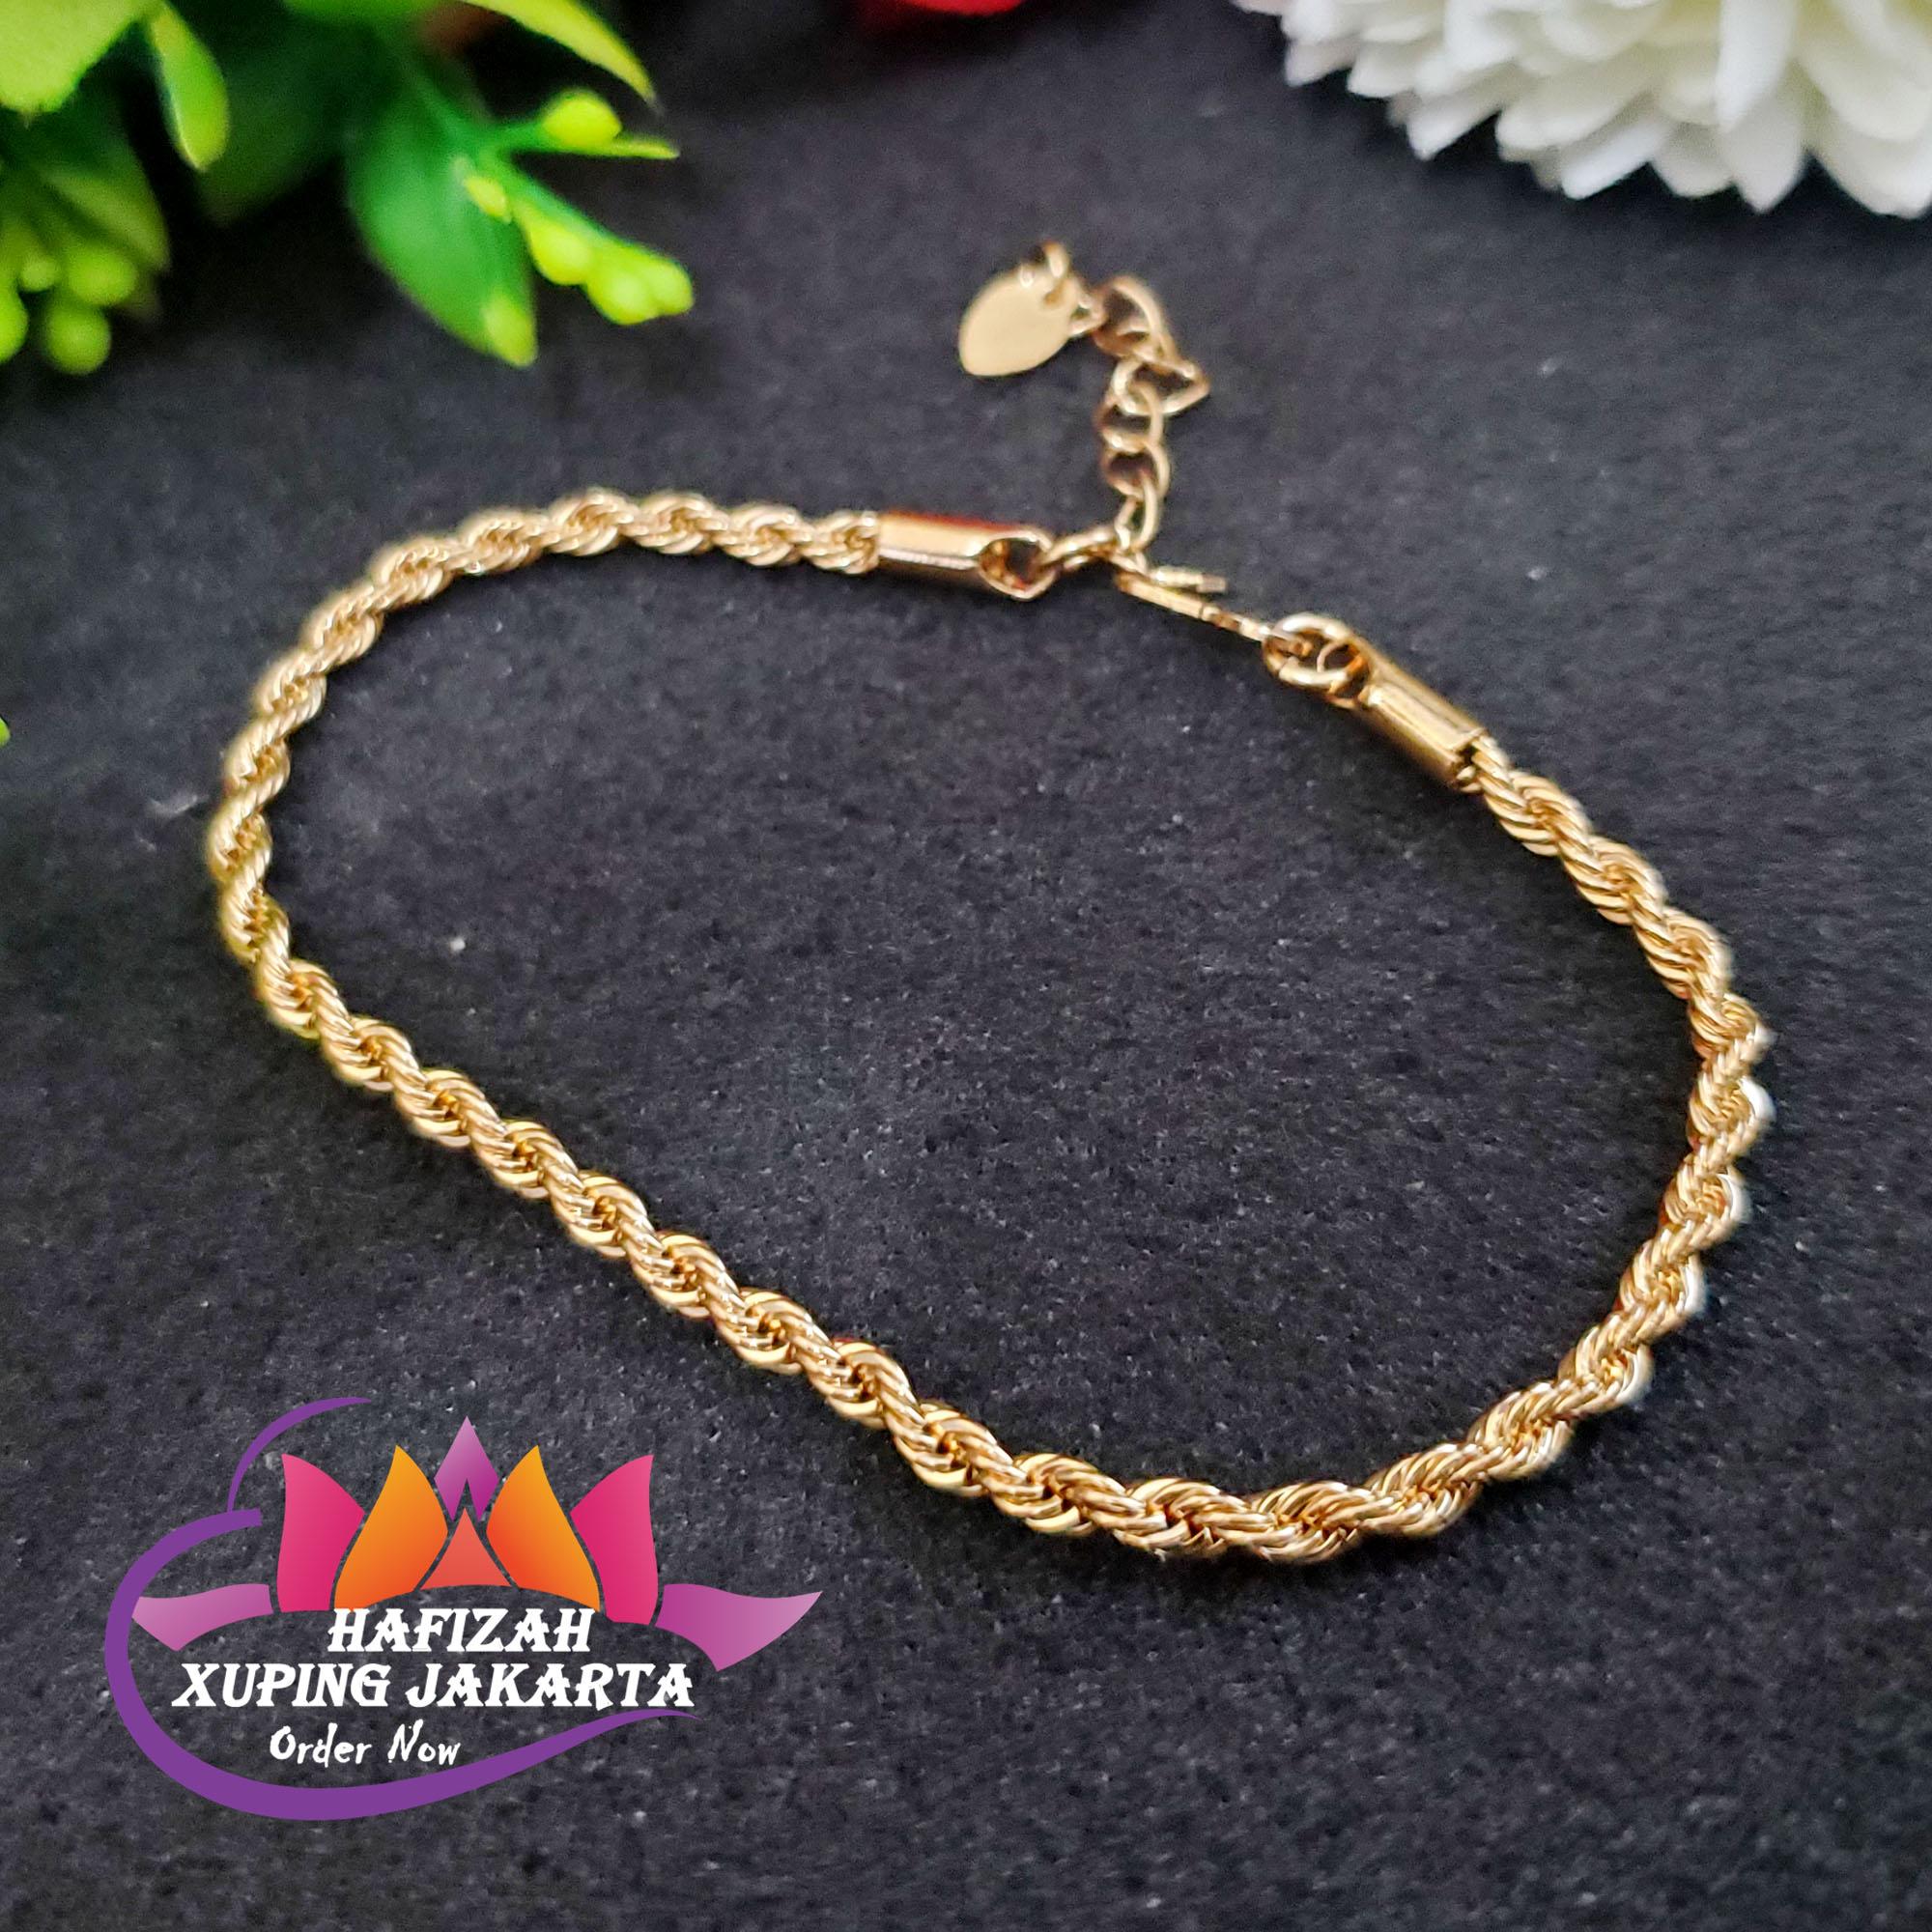 xuping gelang 24k tikar lipan kecil perhiasan wanita